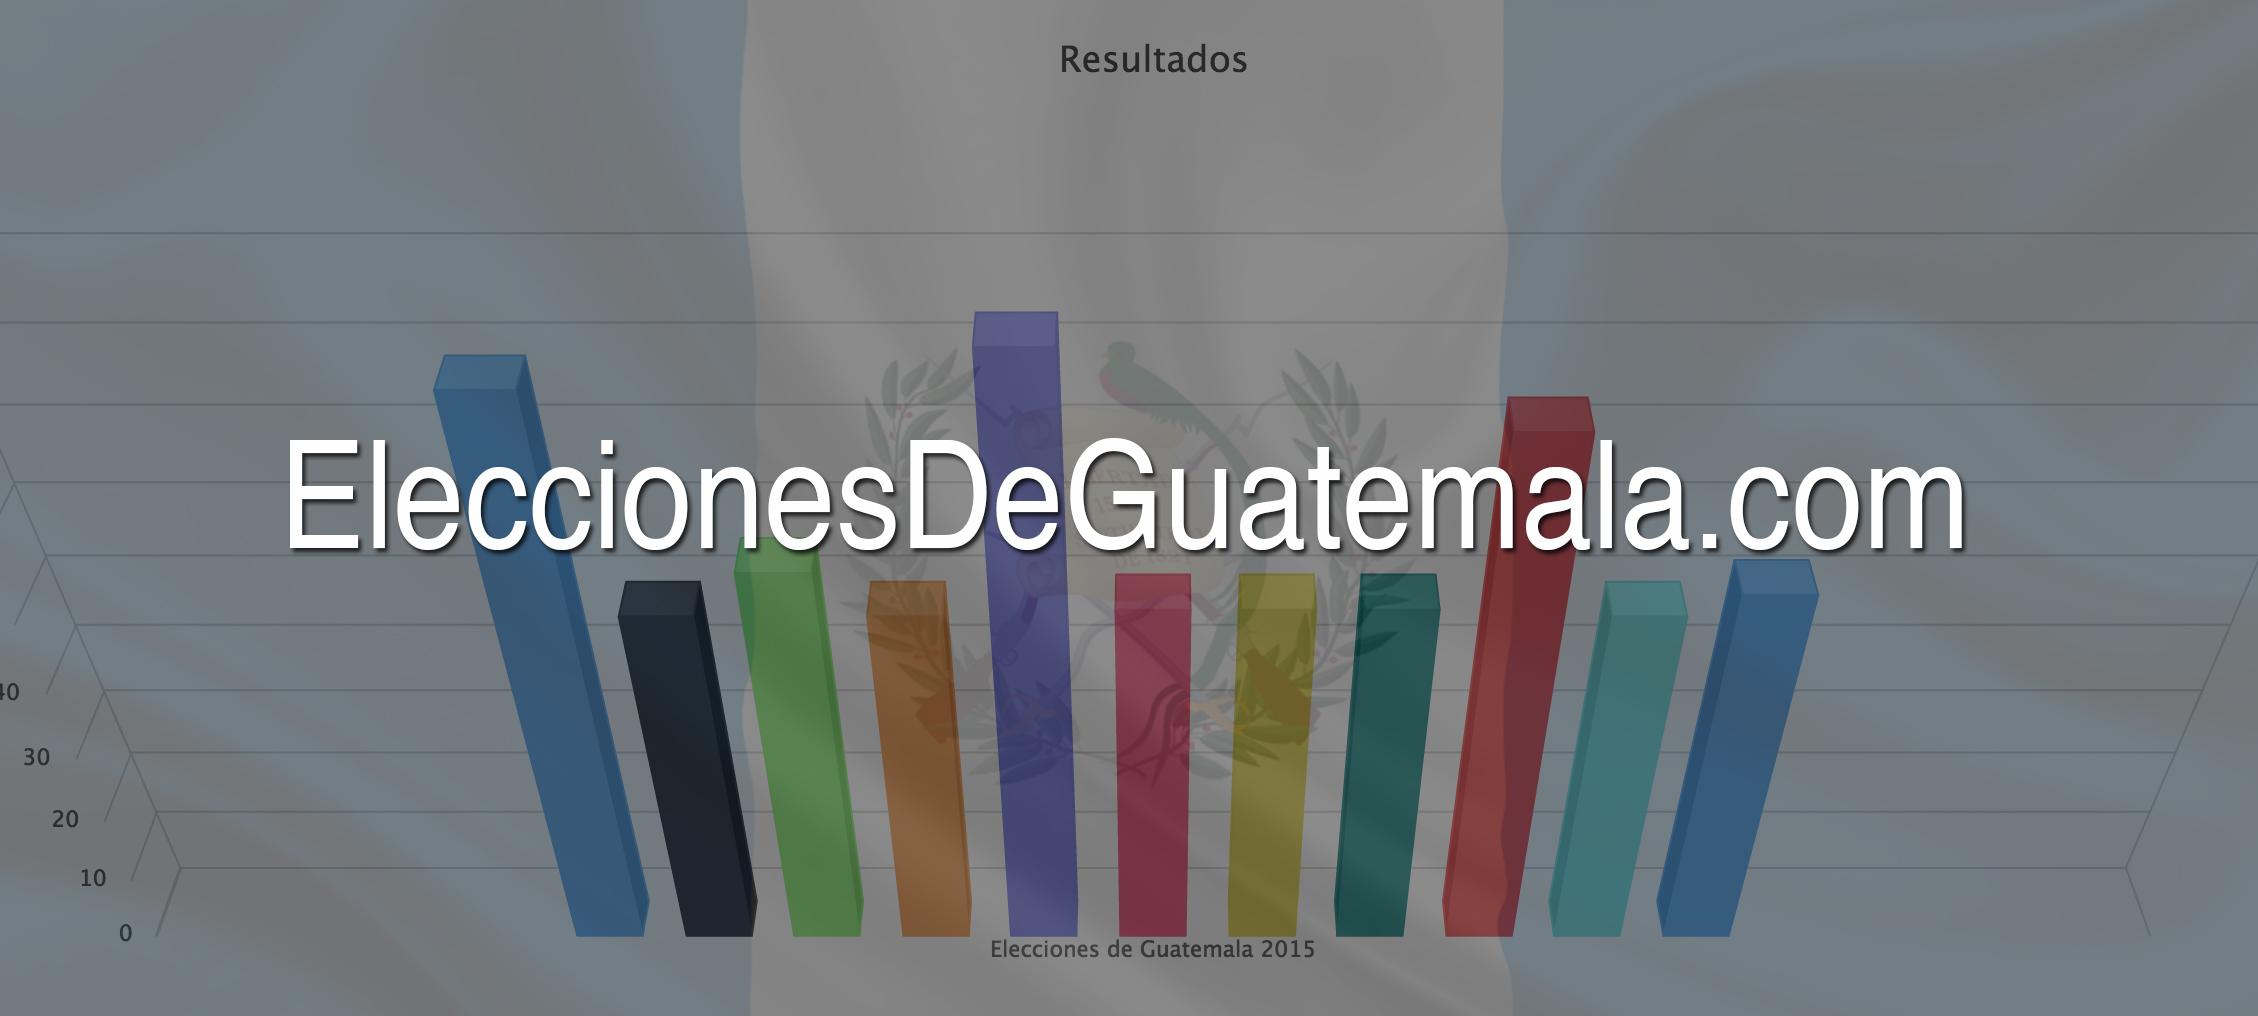 elecciones-de-guatemala-2015